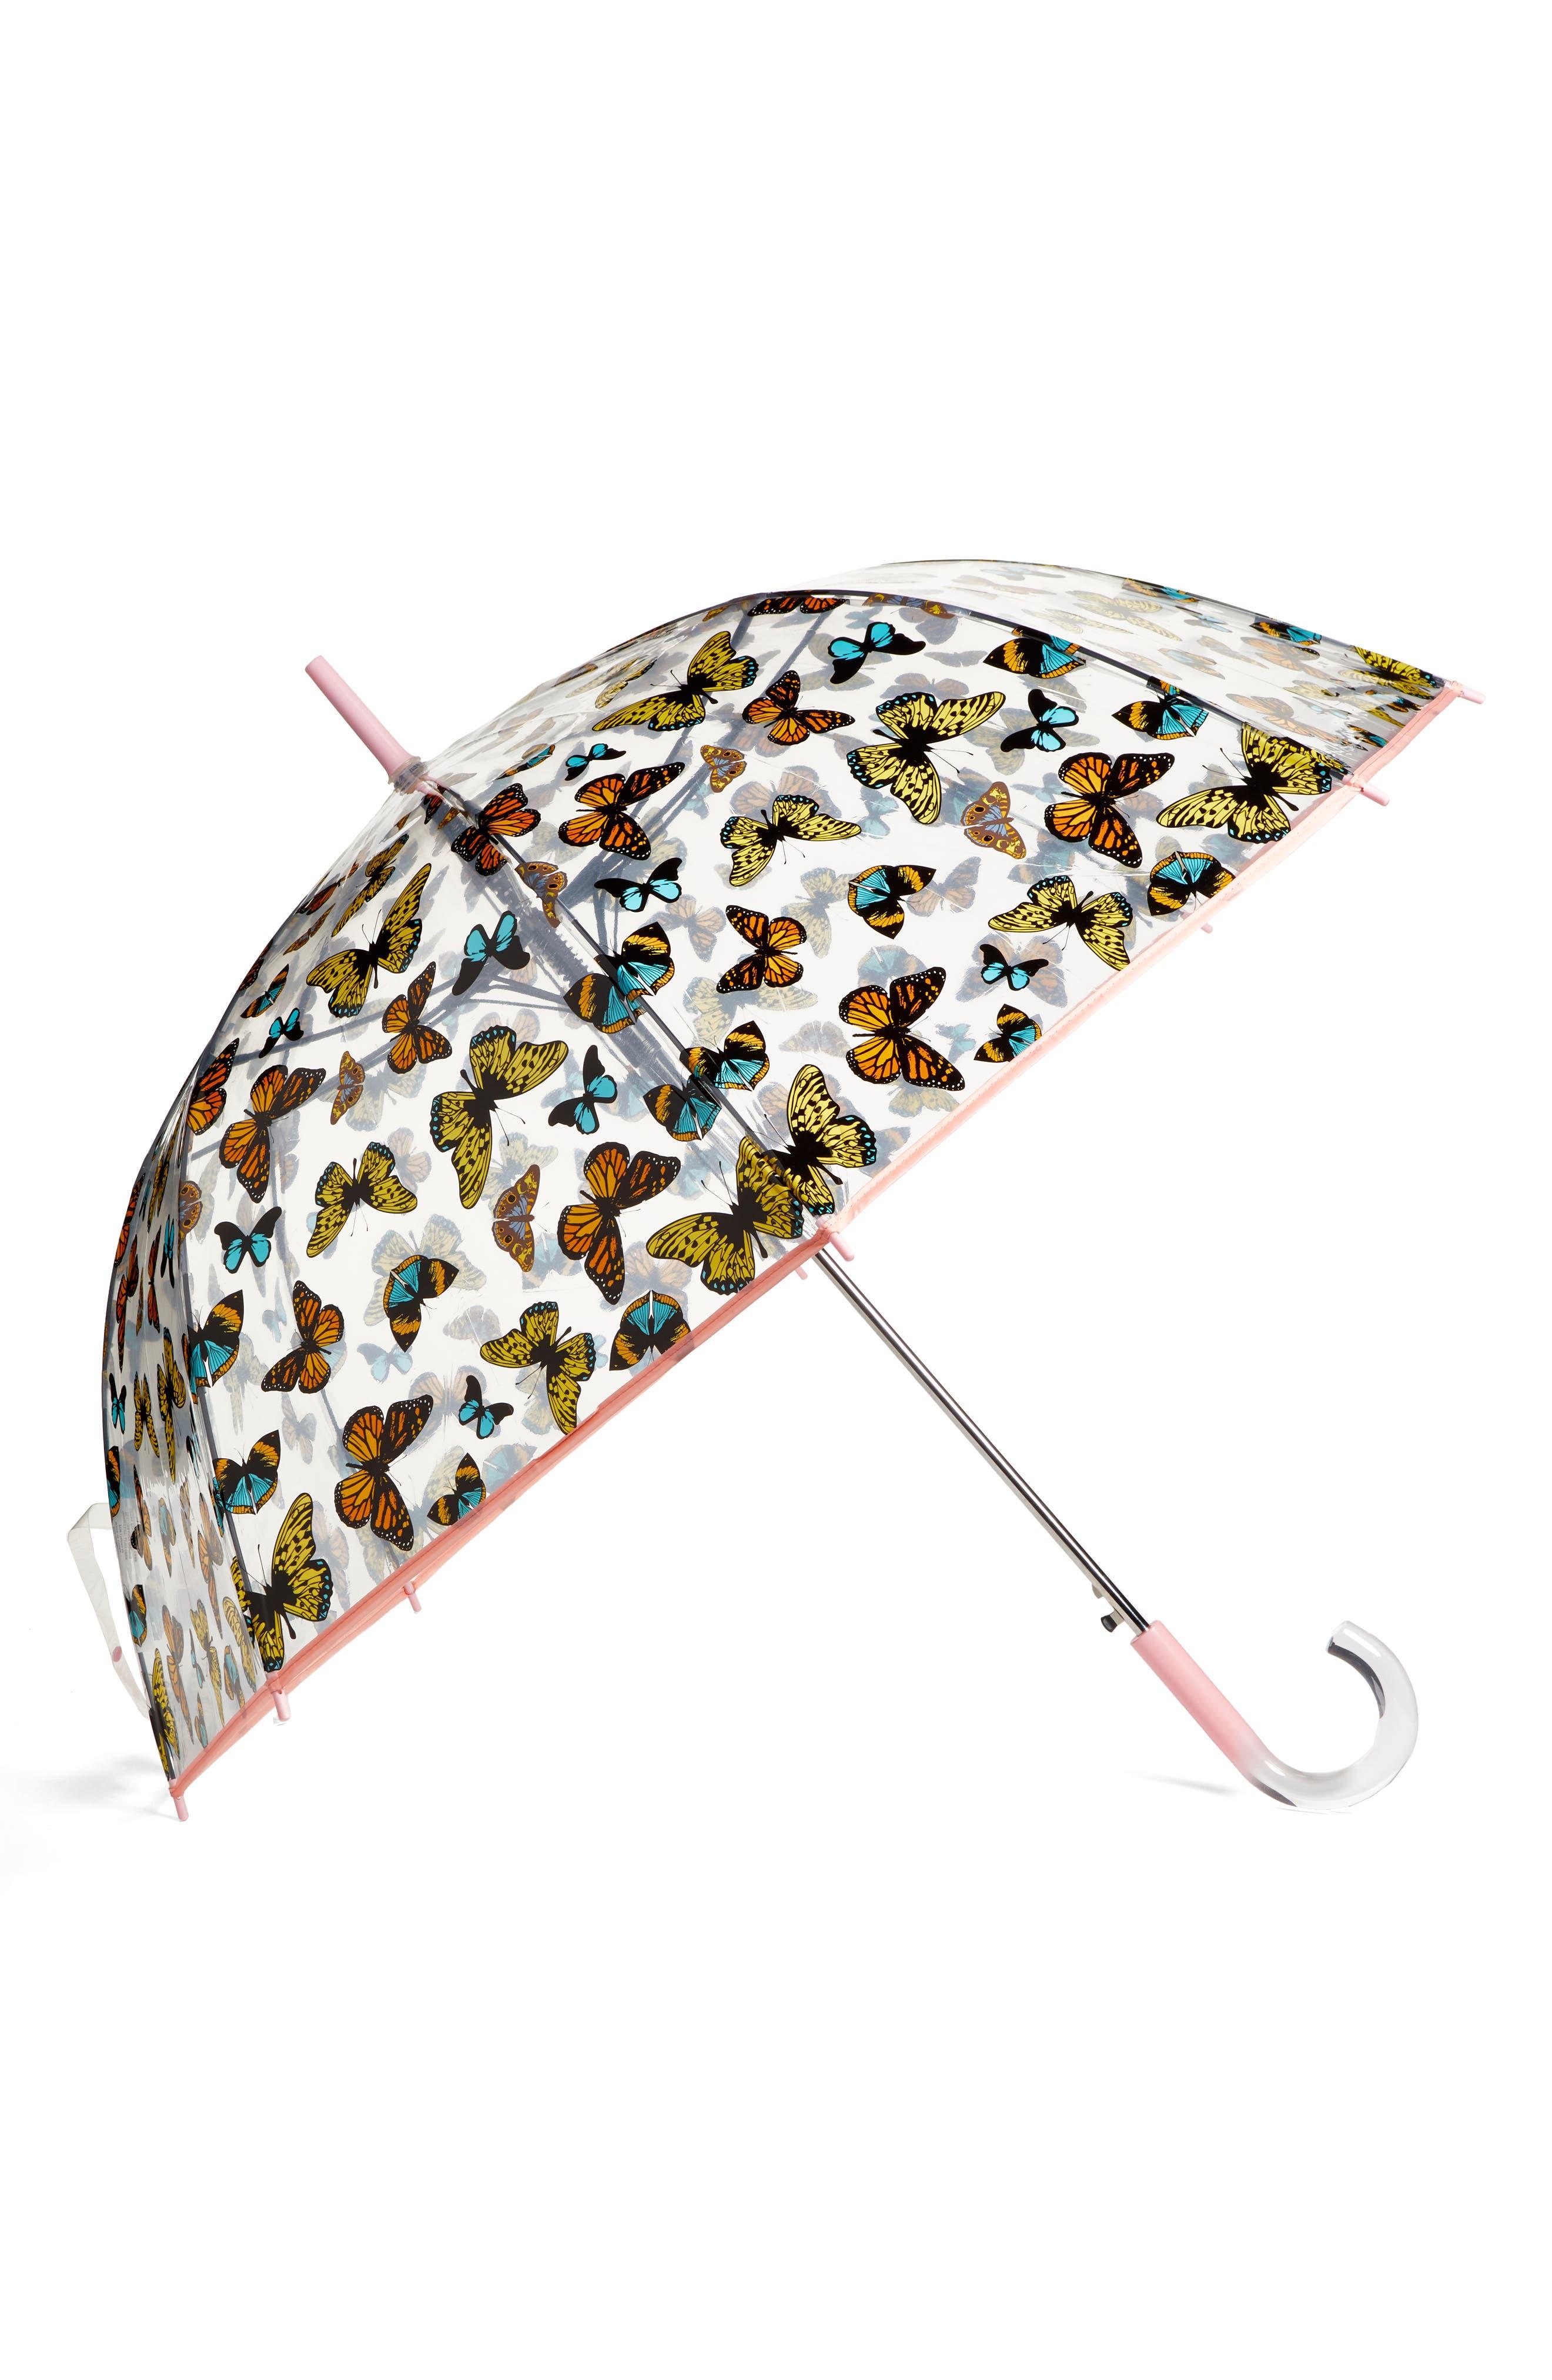 Main Image - ShedRain 'The Bubble' Auto Open Stick Umbrella